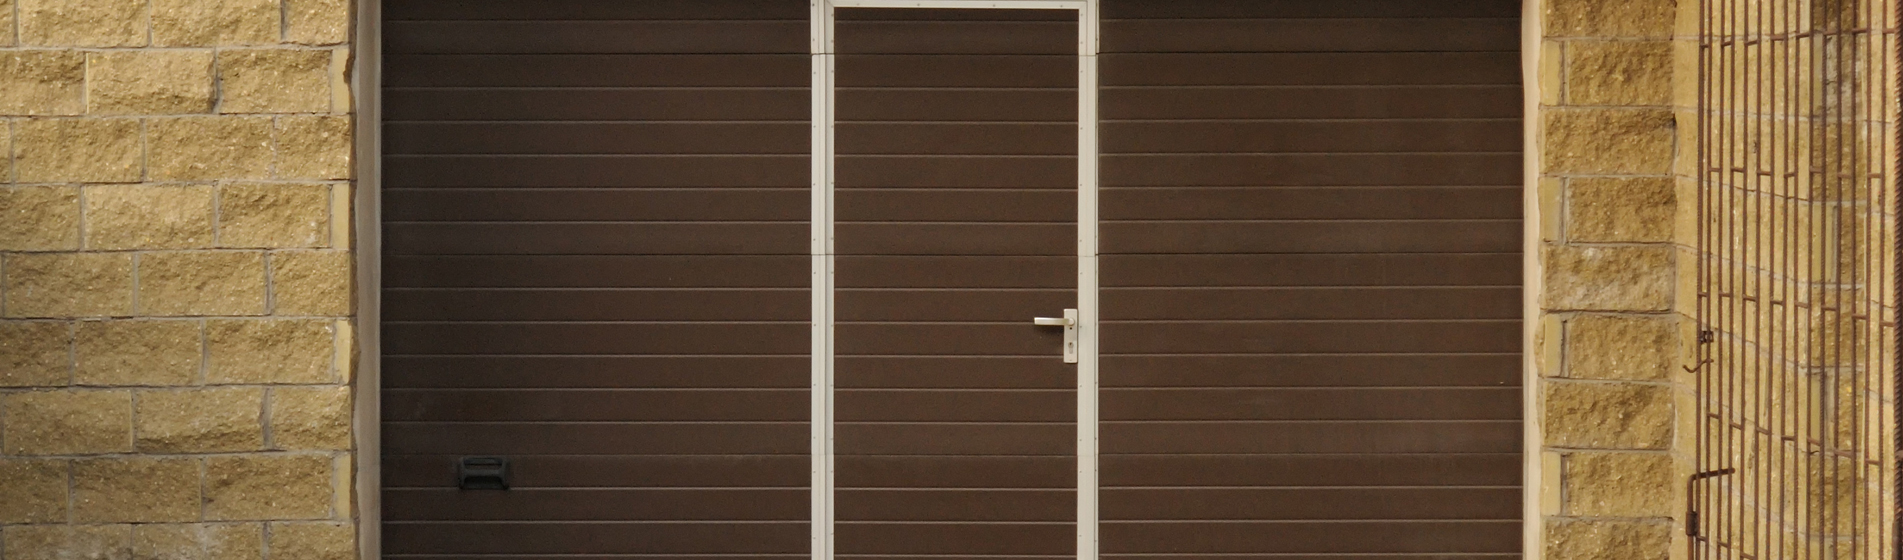 fabricant porte de garage sur-mesure 13 Bouches-du-Rhône